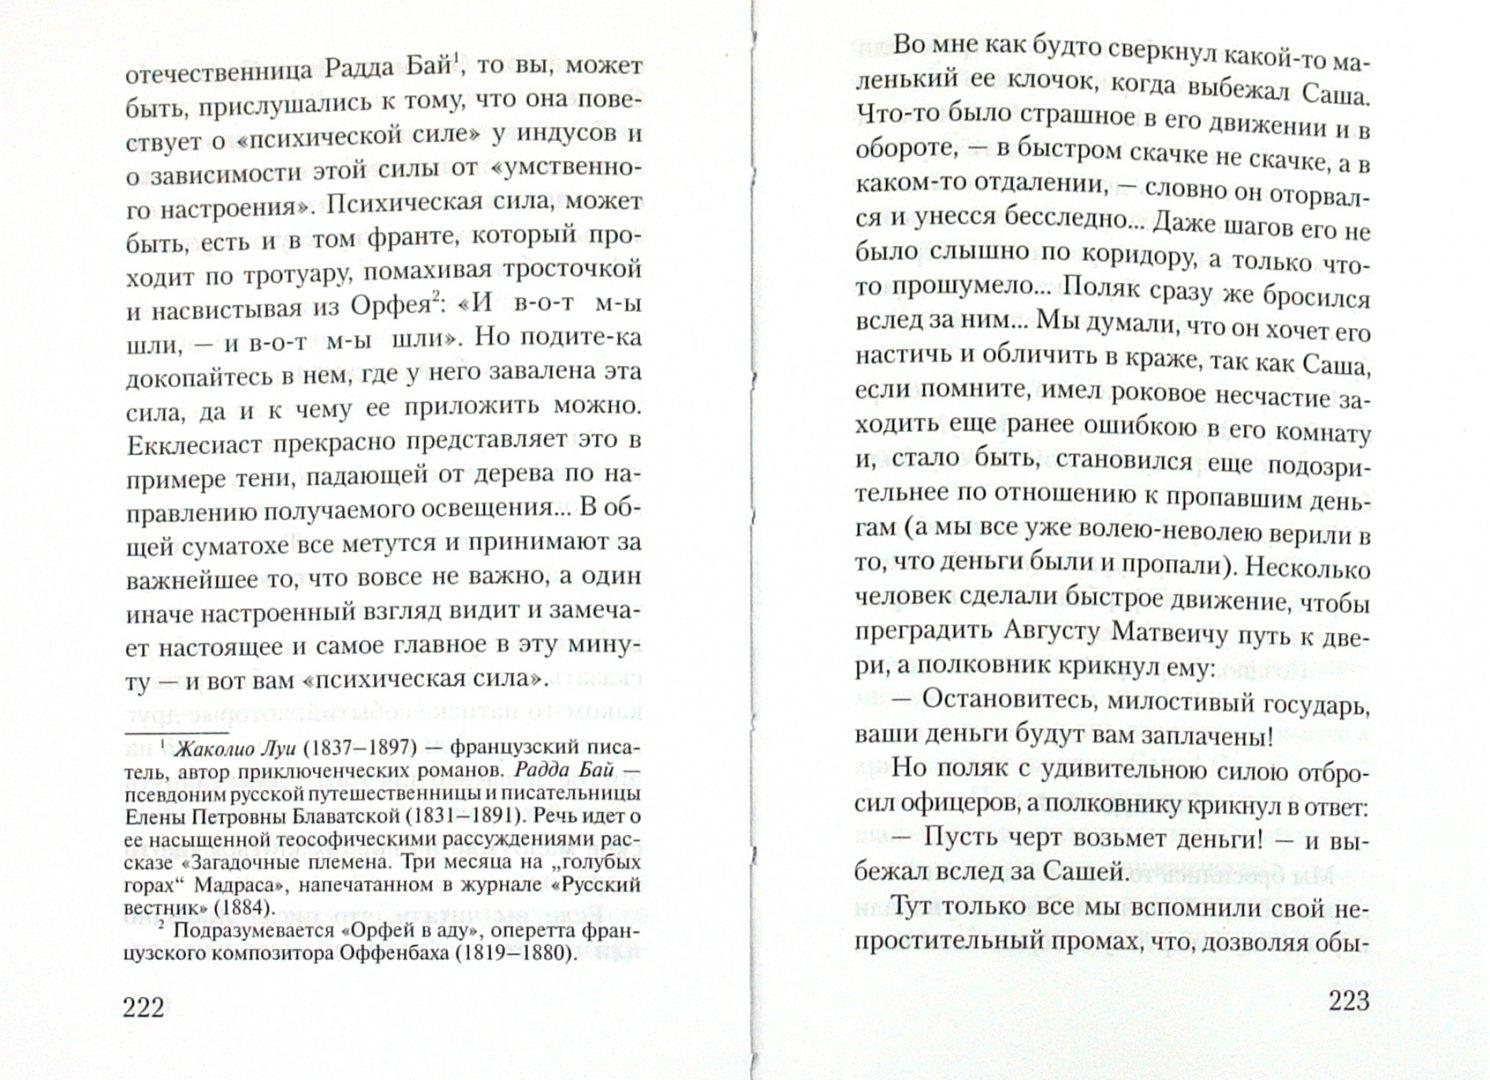 Иллюстрация 1 из 6 для Дело корнета Елагина - Андреев, Лесков, Даль, Бунин   Лабиринт - книги. Источник: Лабиринт